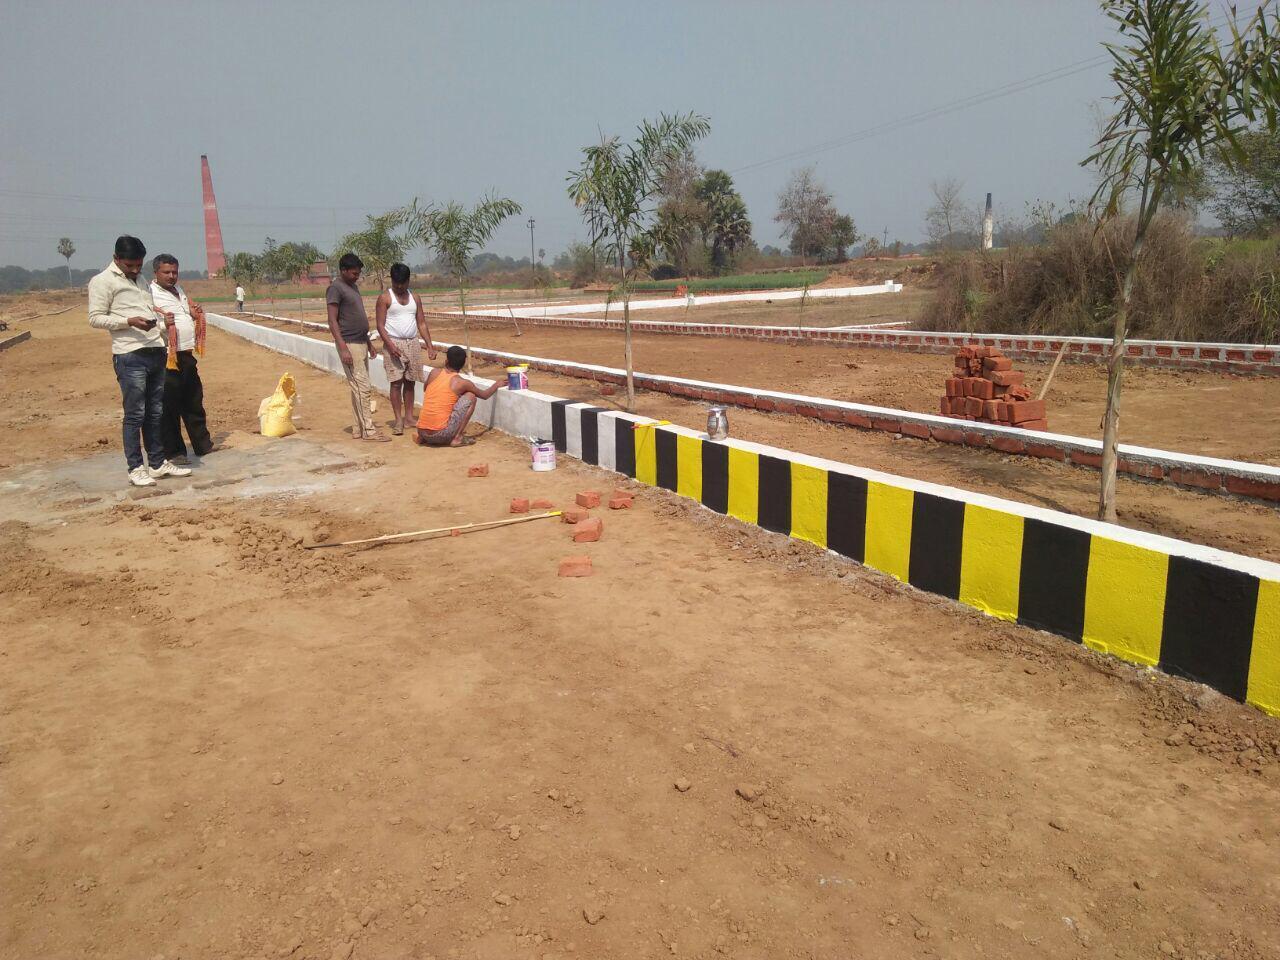 Bihar Ki Rajdhani Patna Mein Awasiya Plot Lene Hetu Sampark Kare Booking Amount Mata 25 Pratishat Aur Ek Se 5 Saal Ki Hassan Maasik Kisht Bina Bhi Aaj Ka